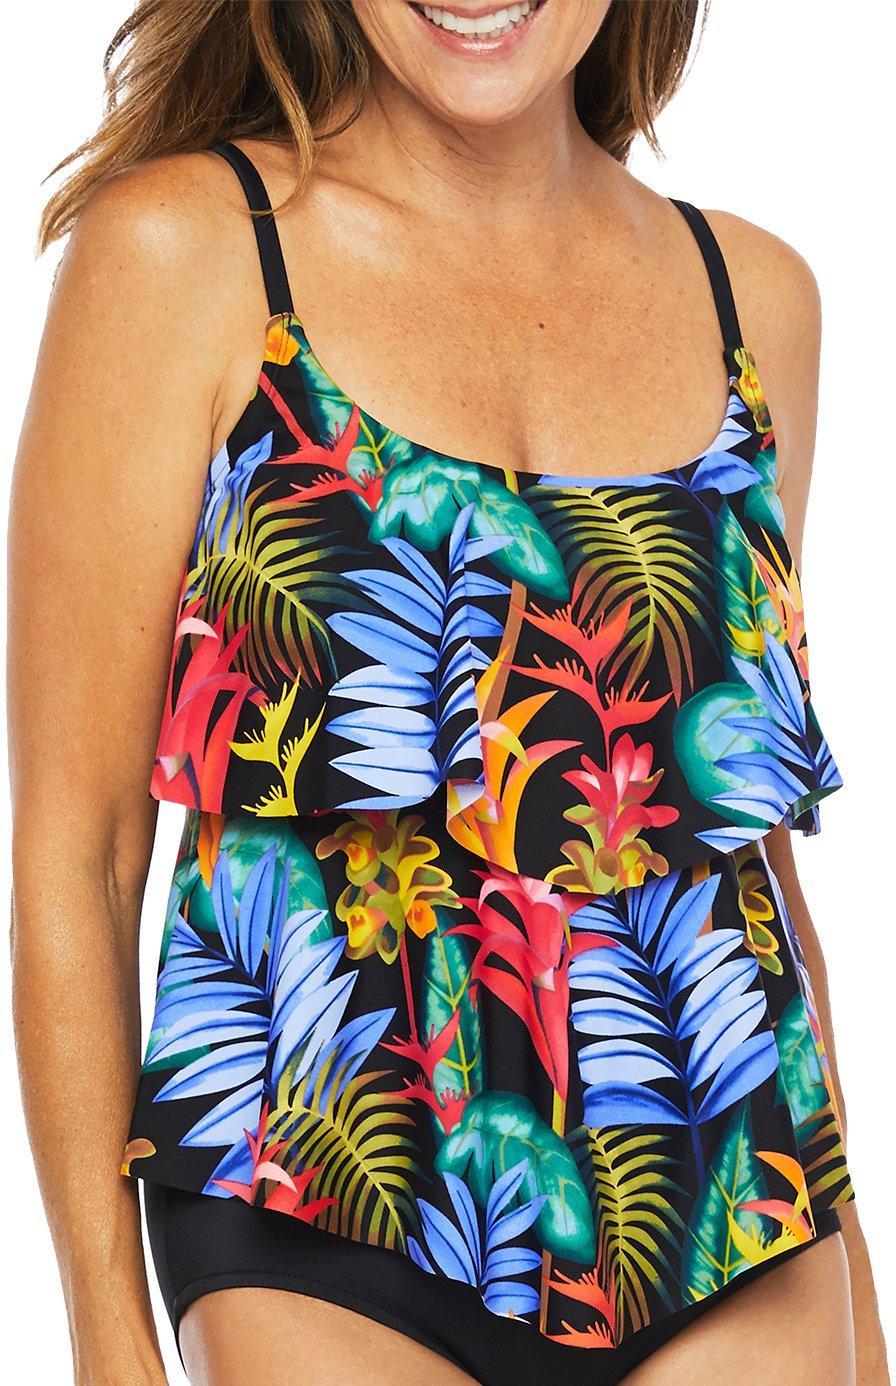 All Sizes New Trimshaper Women/'s Multicolor Electric Avenue Tankini Top